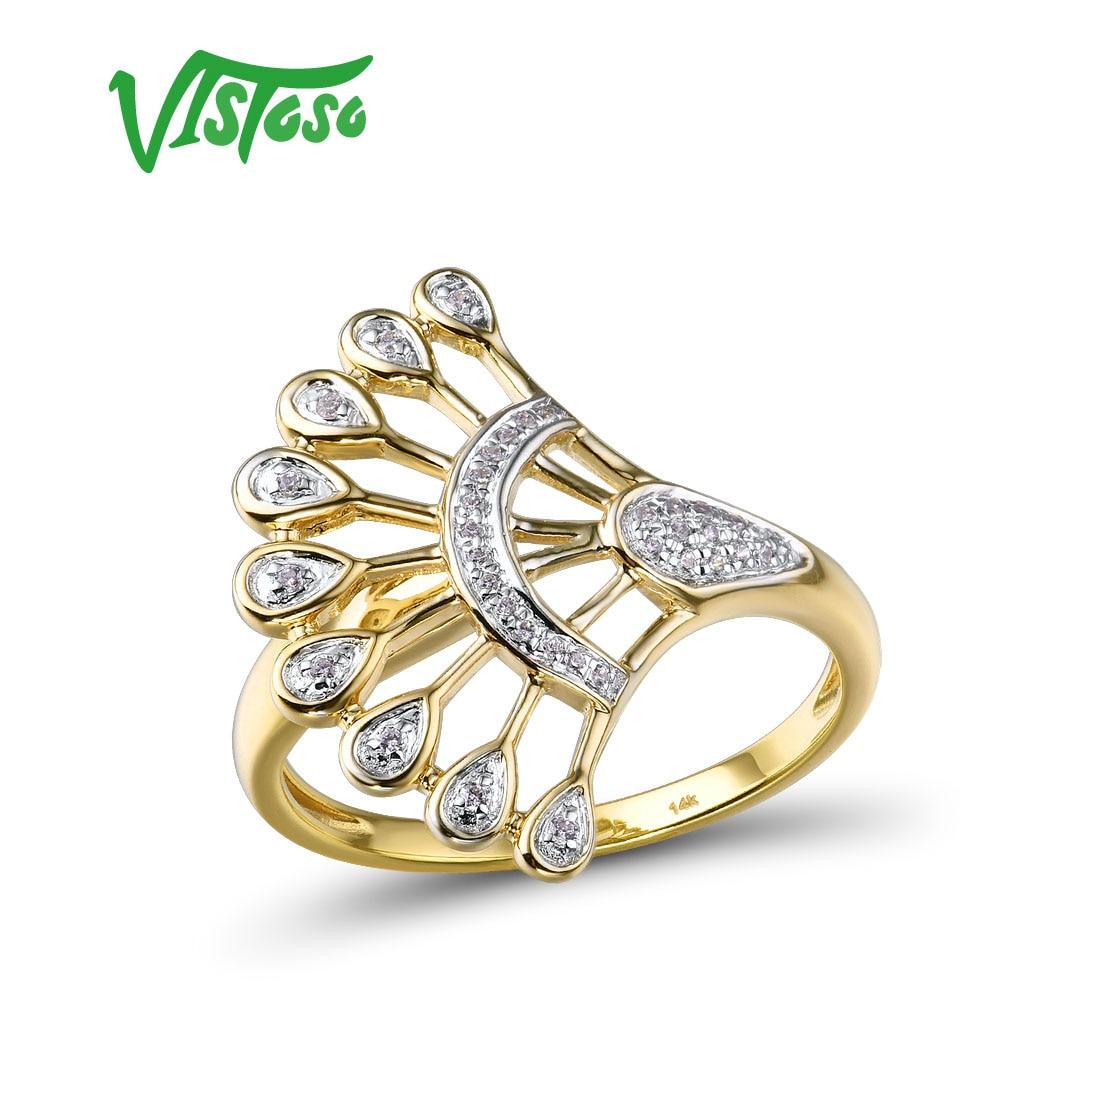 VISTOSO золотые кольца для женщин чистое 14K 585 Желтое золото сверкающие бриллианты обещают обручальные кольца юбилейные ювелирные украшения